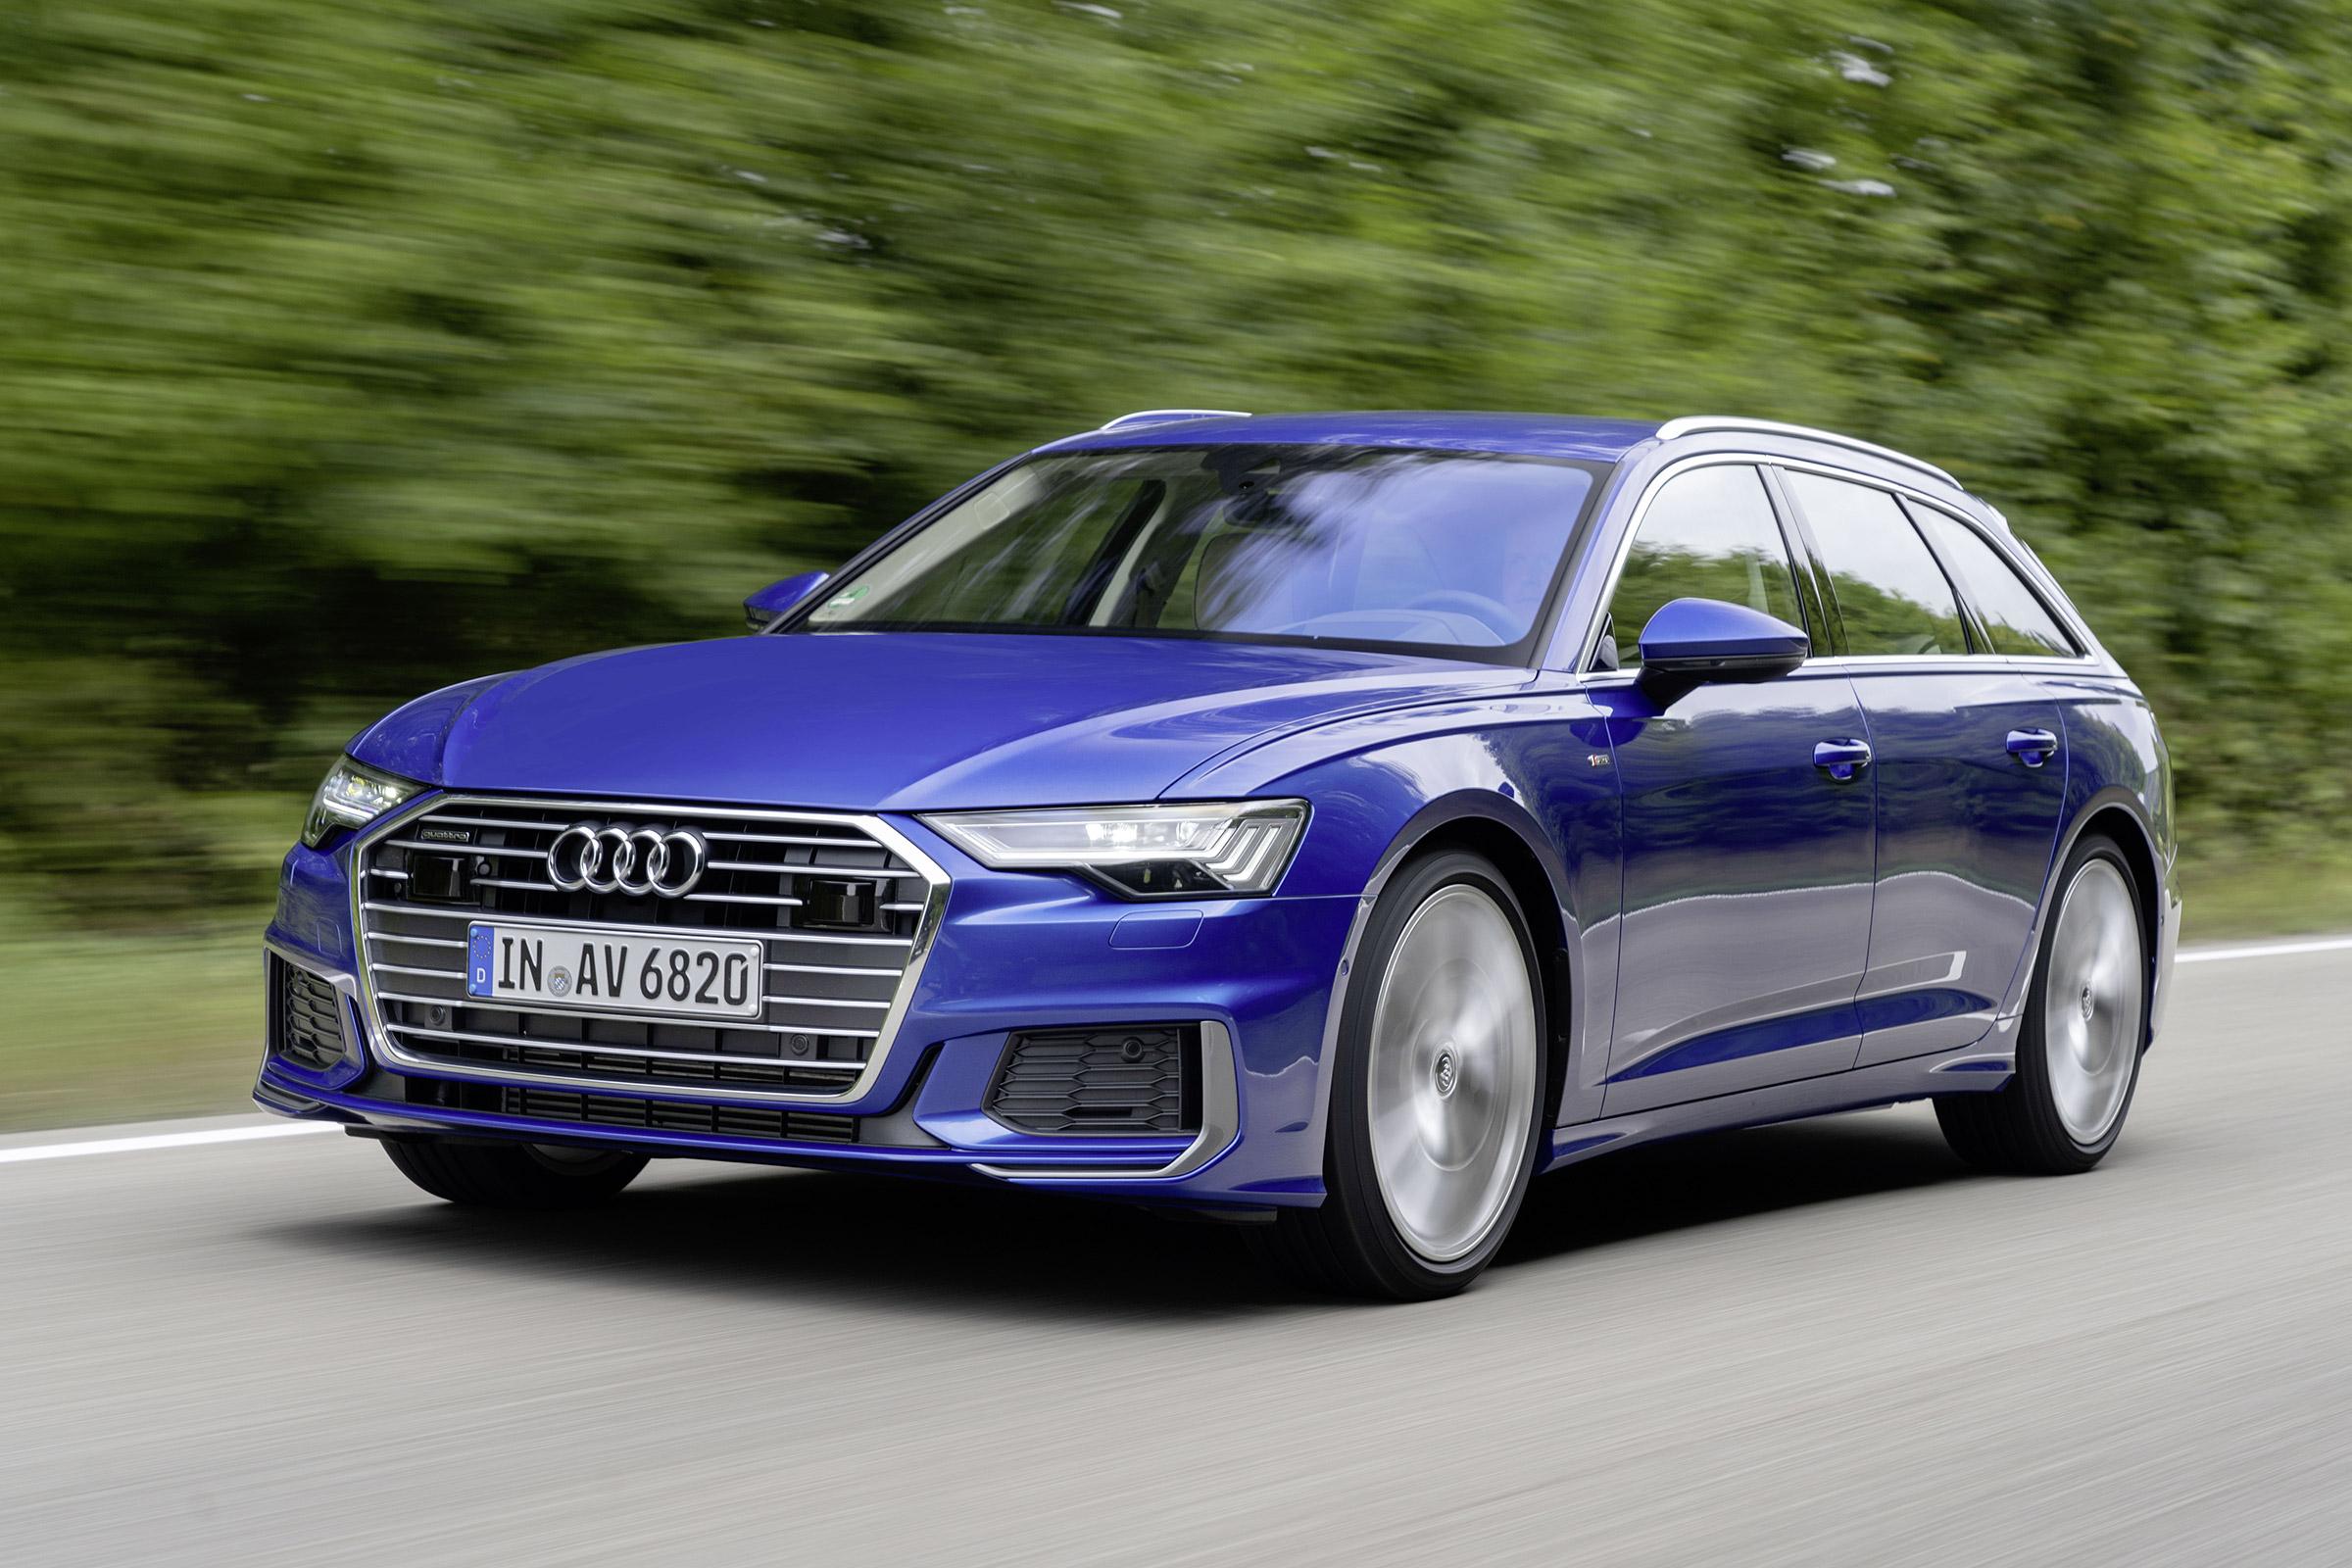 Kelebihan Kekurangan Audi A6 2018 Perbandingan Harga